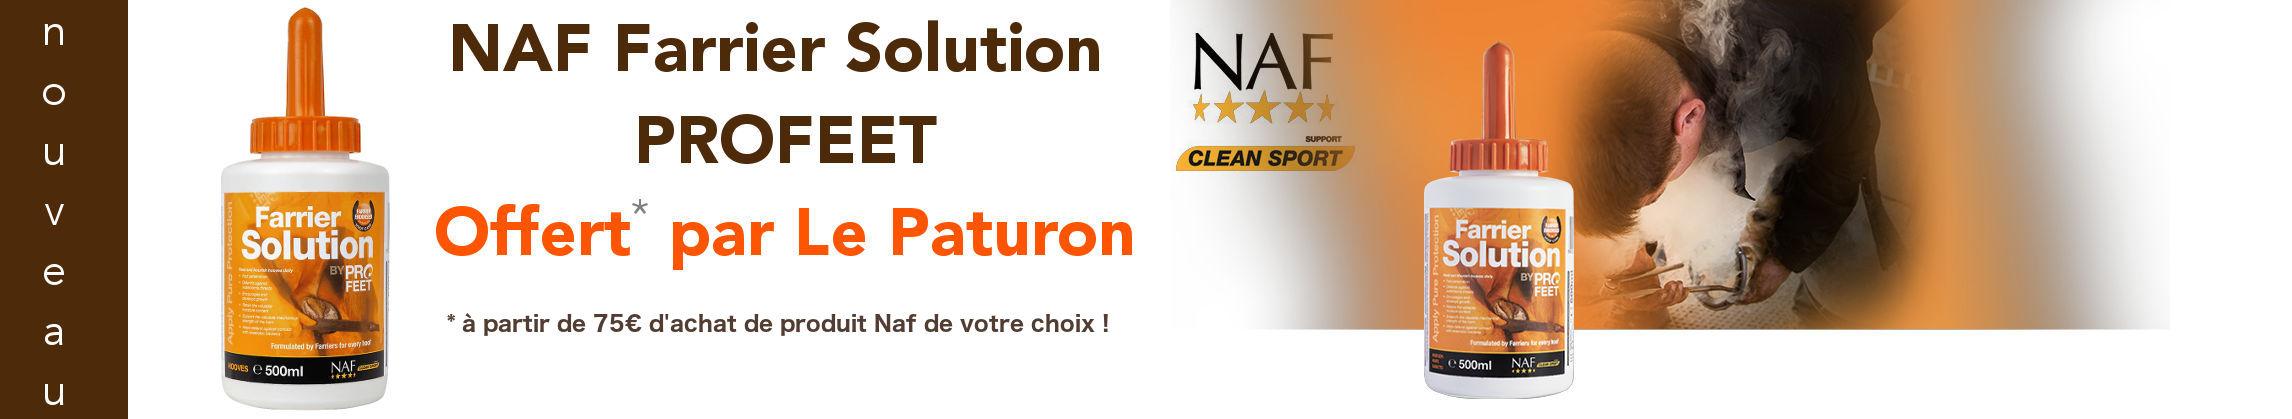 Offre NAf Promo Le Paturon